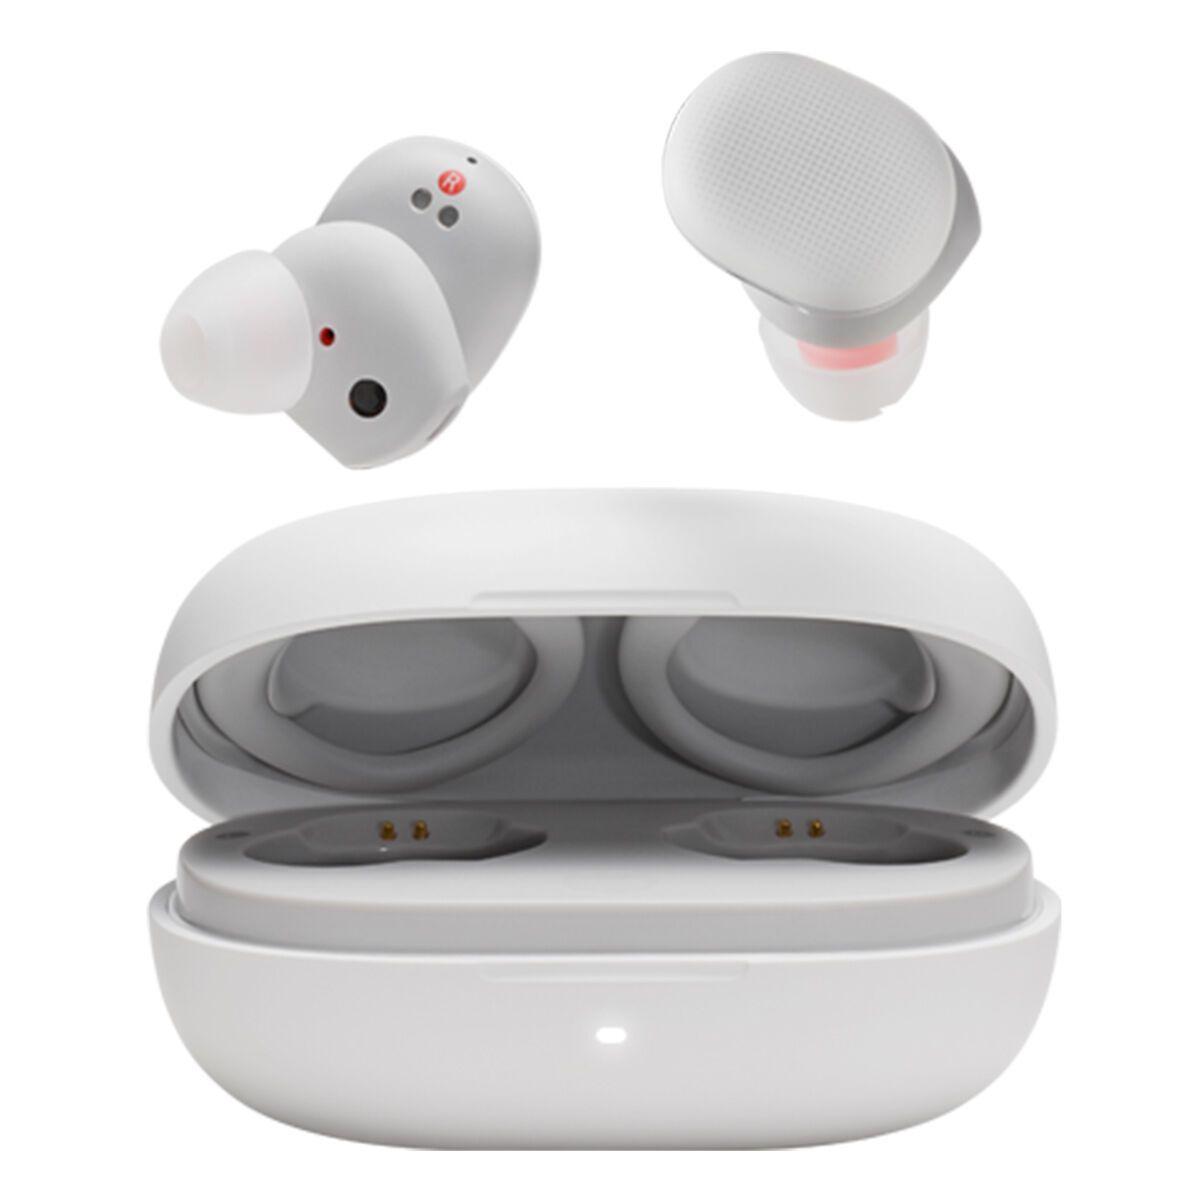 Huami Amazfit PowerBuds Active White [kabellose Kopfhörer, Bluetooth 5.0, IP55] [NBB]